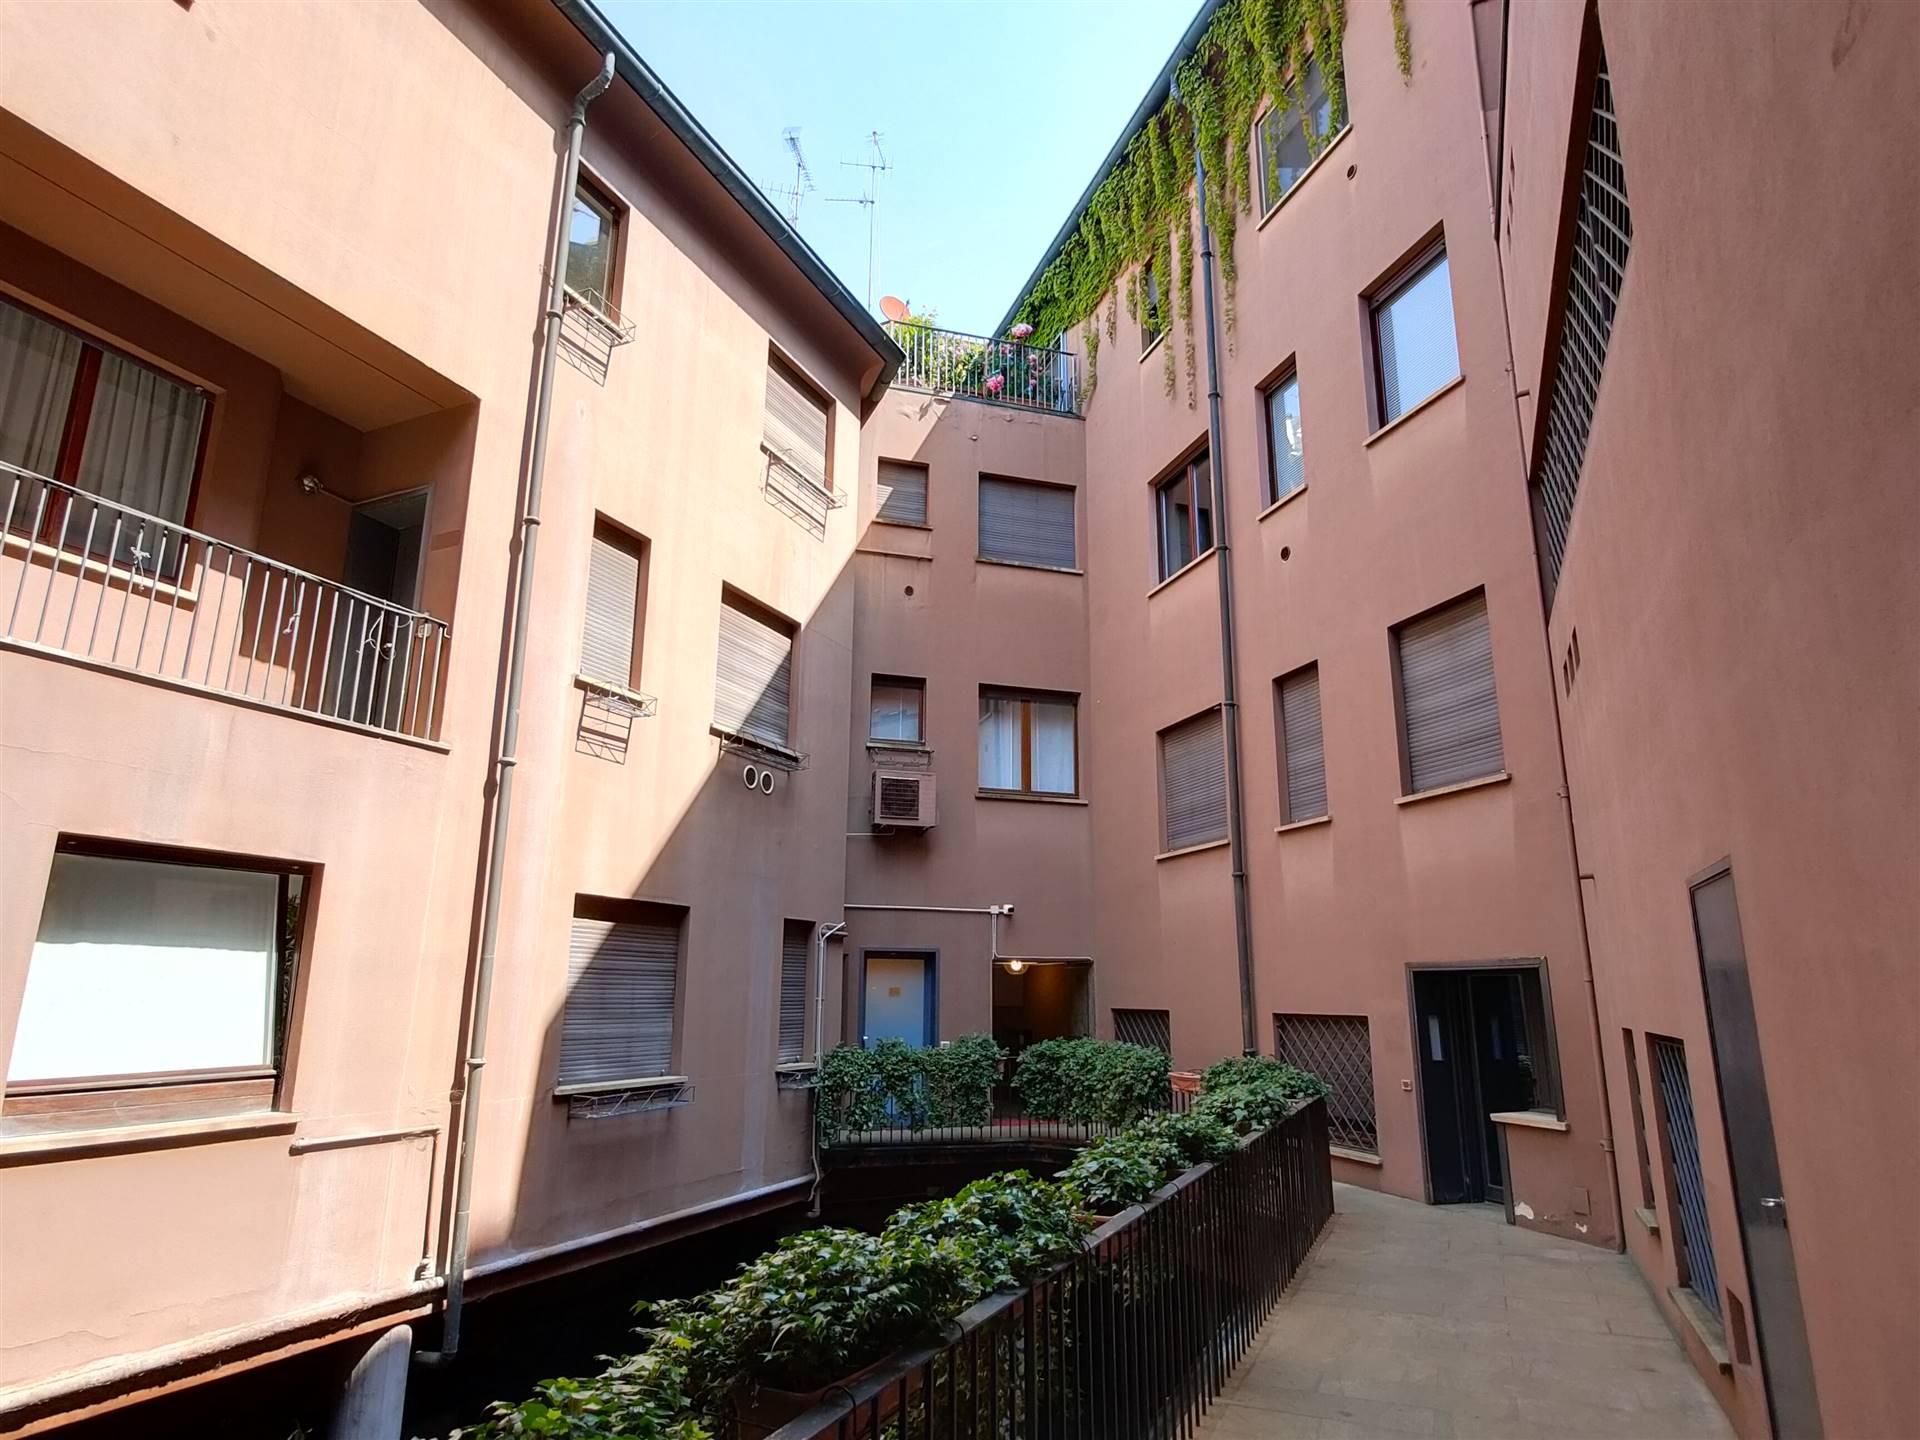 QUADRILATERO, MILANO, Appartamento in vendita di 130 Mq, Abitabile, Riscaldamento Centralizzato, Classe energetica: D, Epi: 29,65 kwh/m2 anno, posto